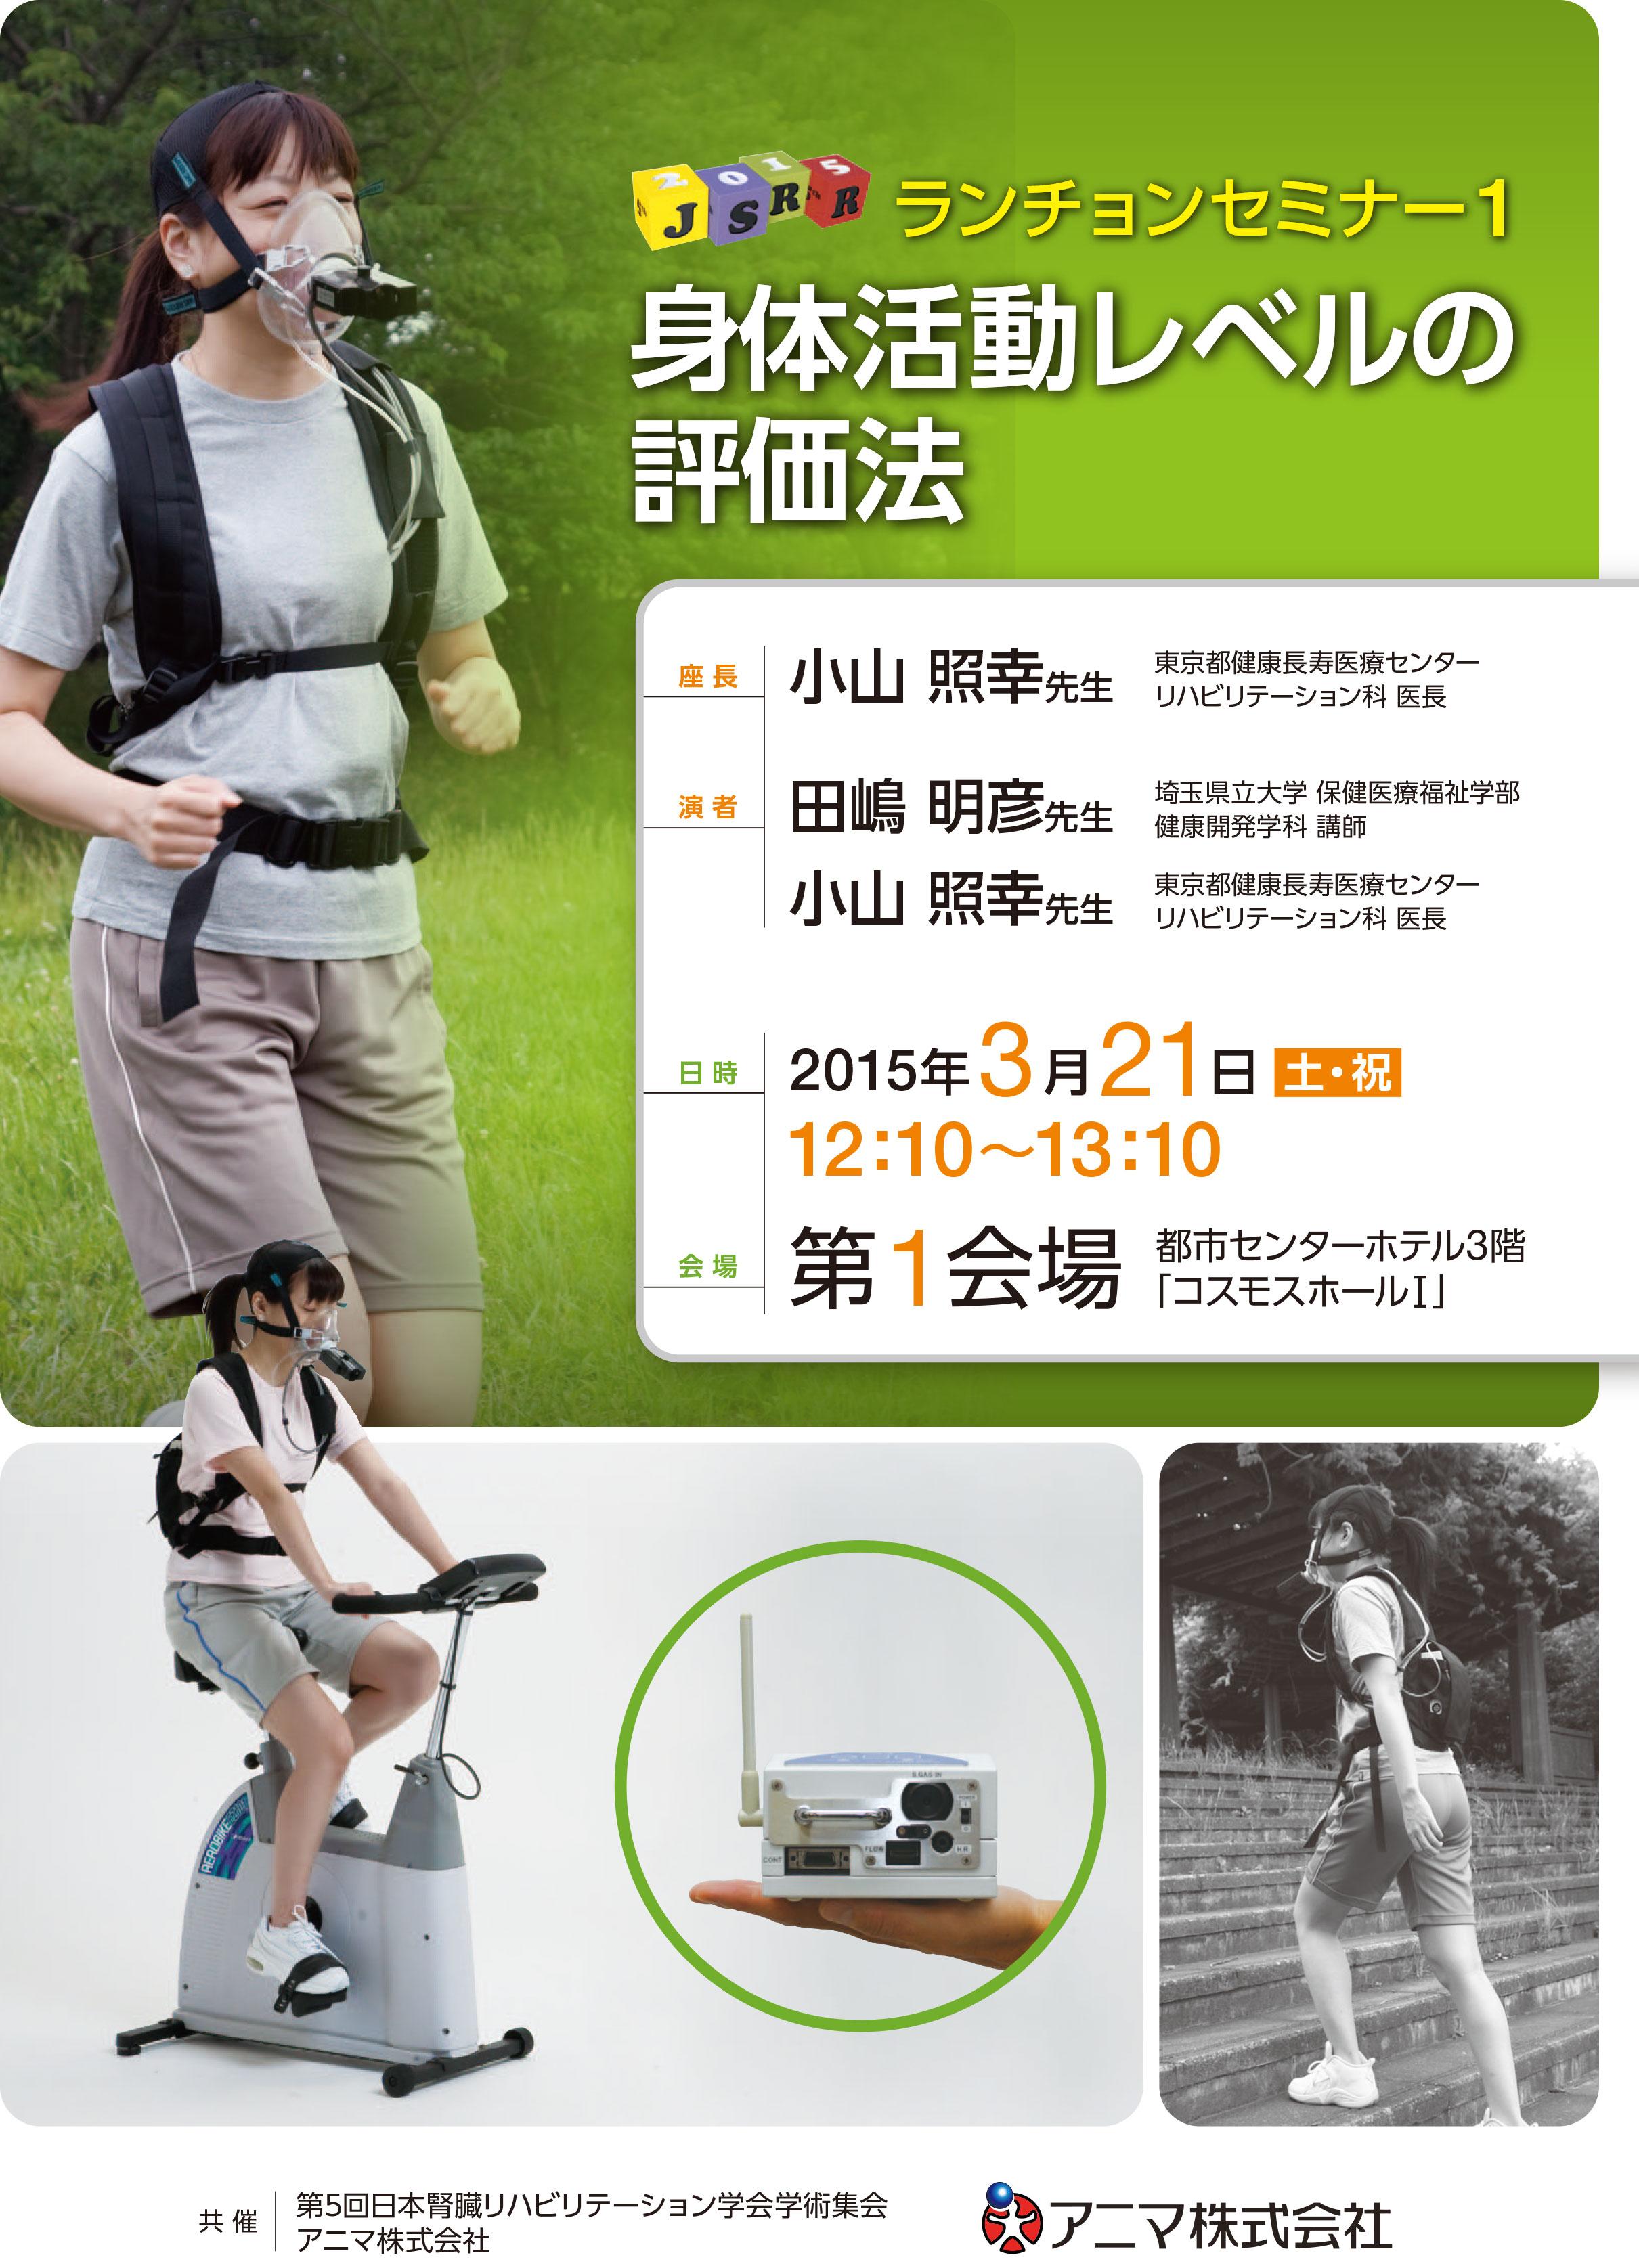 身体活動レベルの評価法_第5回日本腎臓リハビリテーション学会学術集会_ランチョンセミナー8